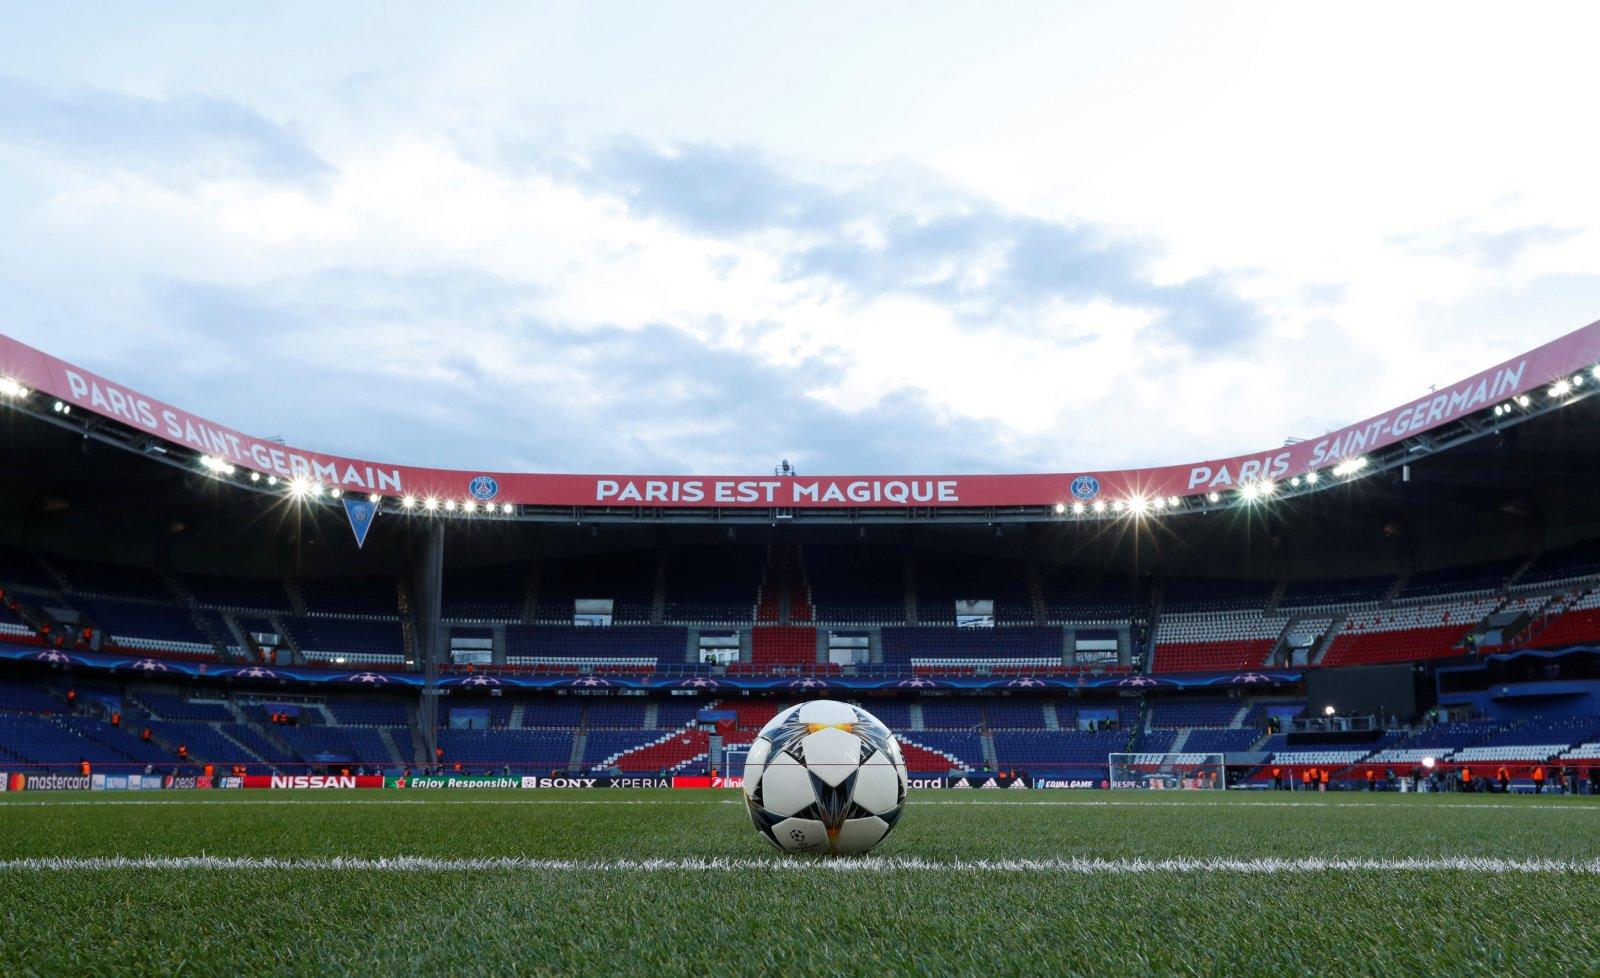 Paris Saint-Germain's Parc des Princes